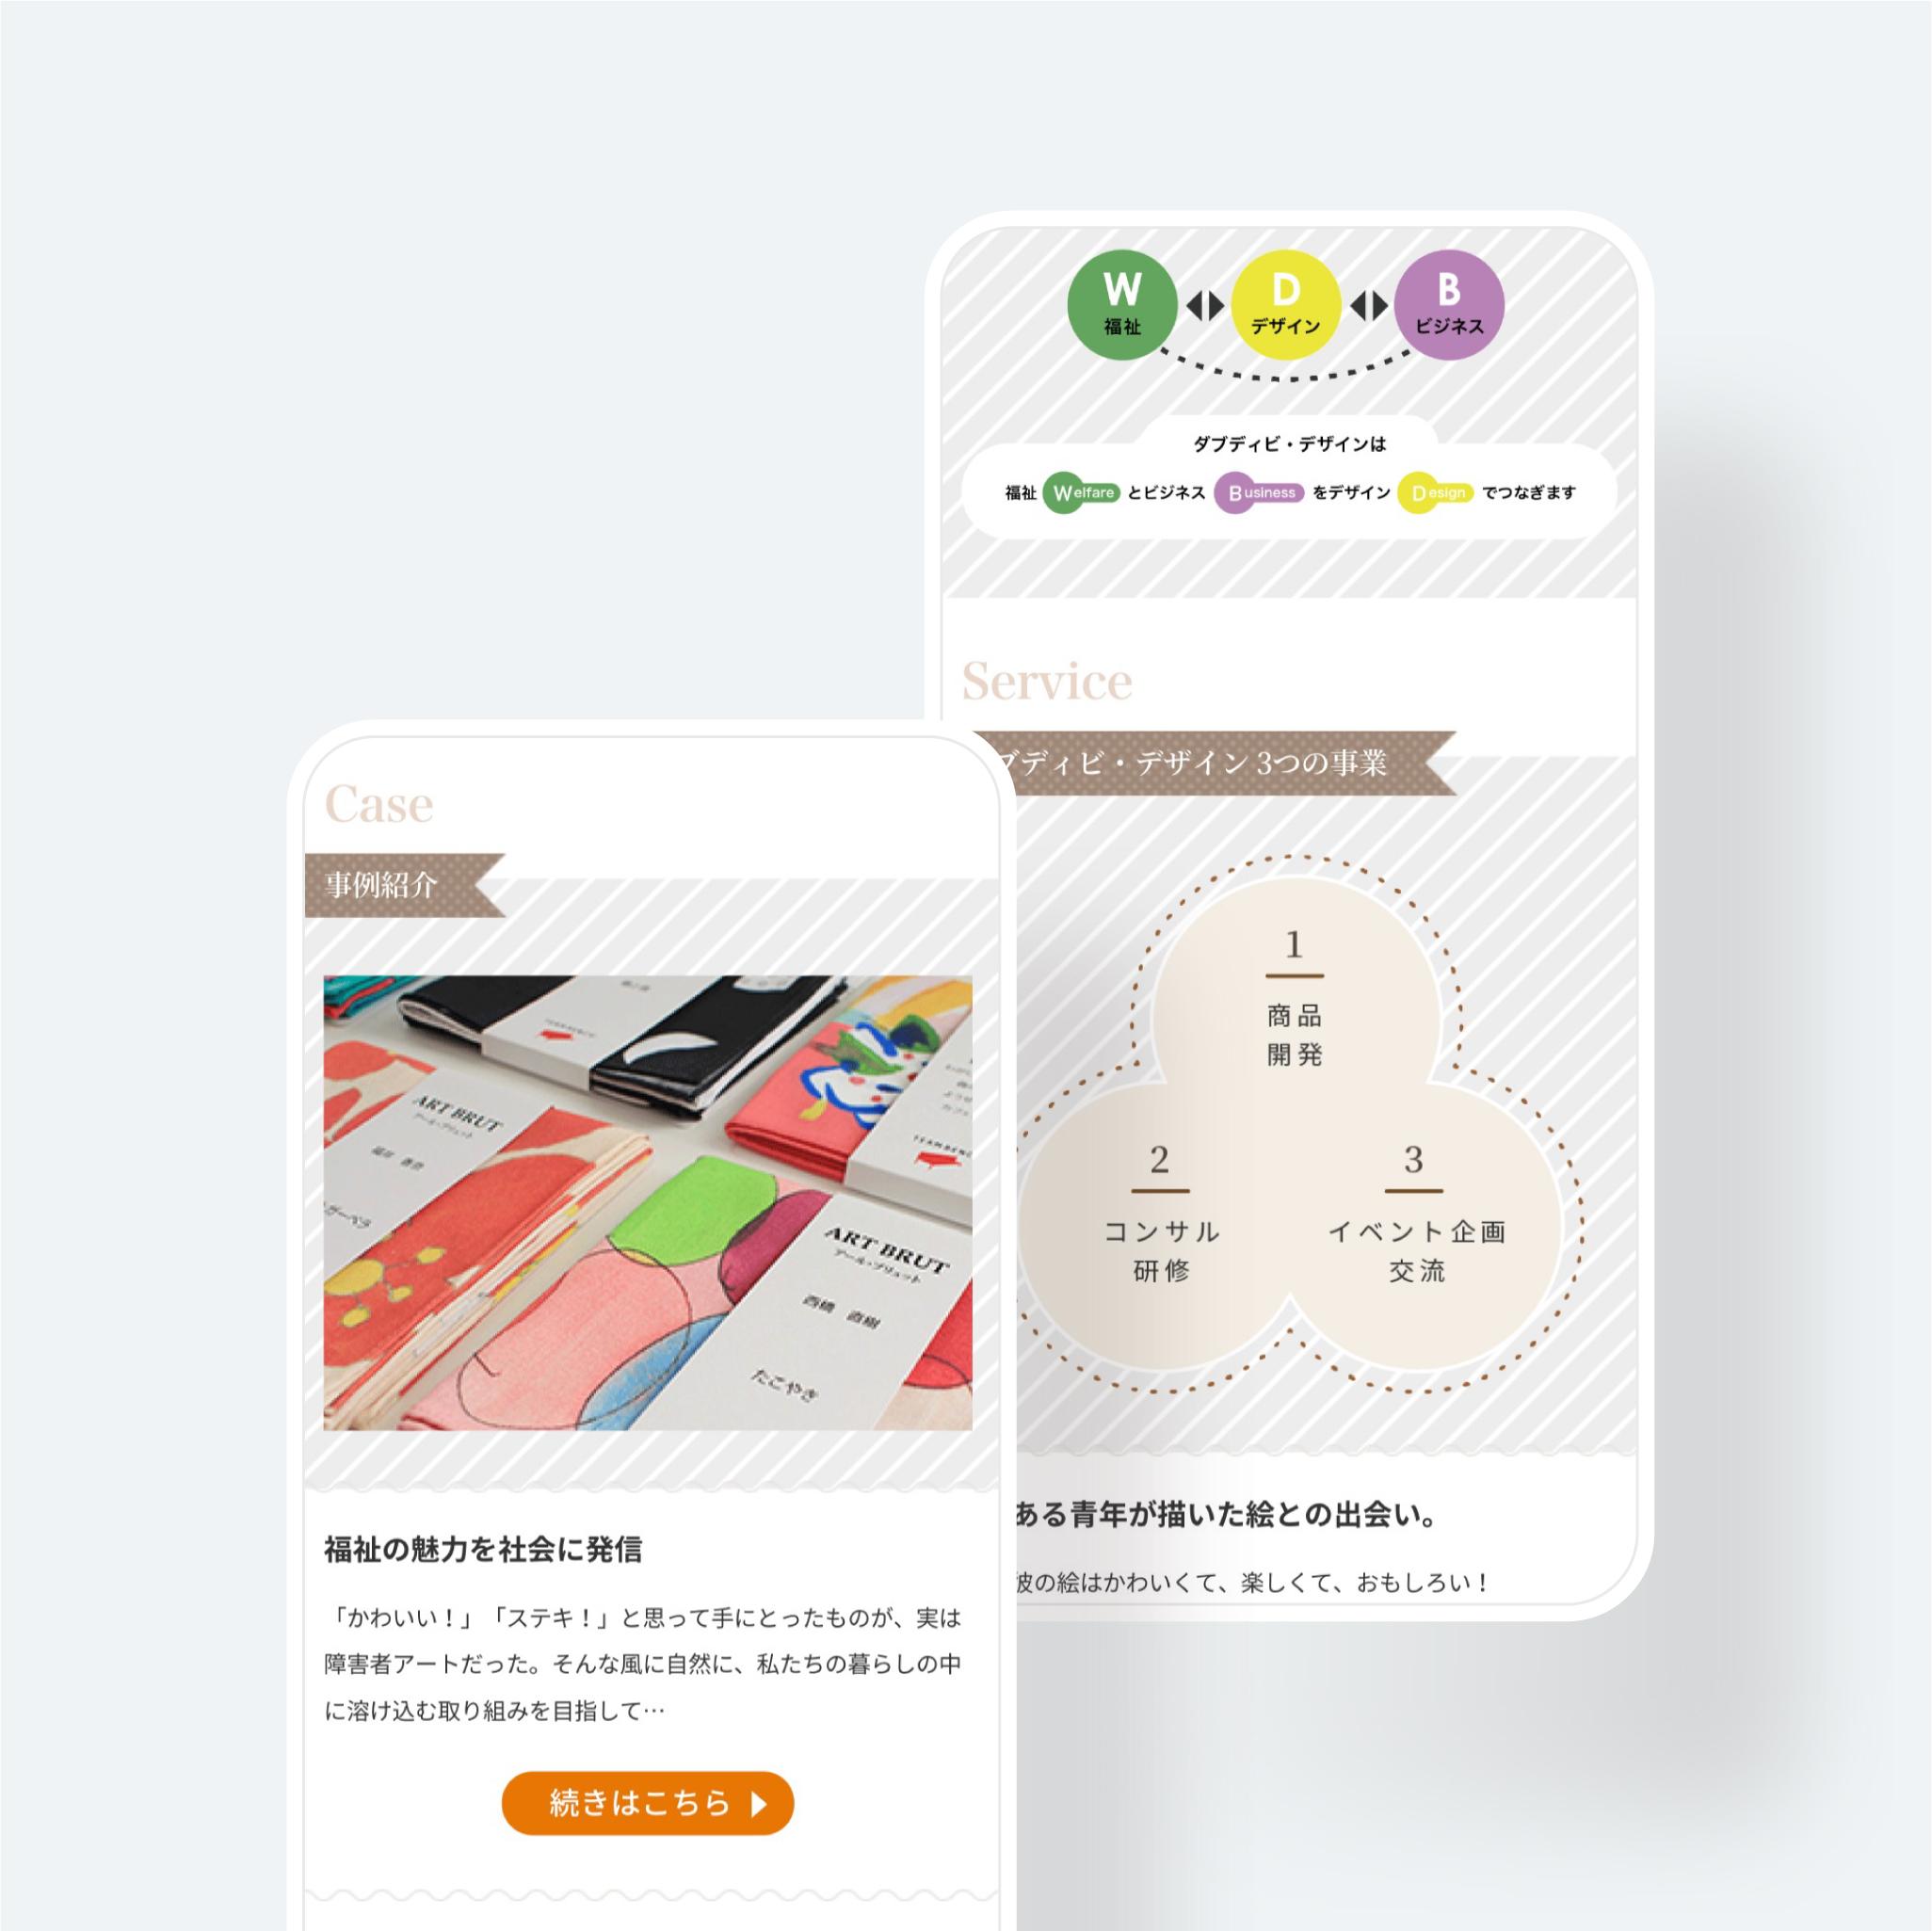 福祉デザインコンサル WEBサイト|ダブディビ・デザイン